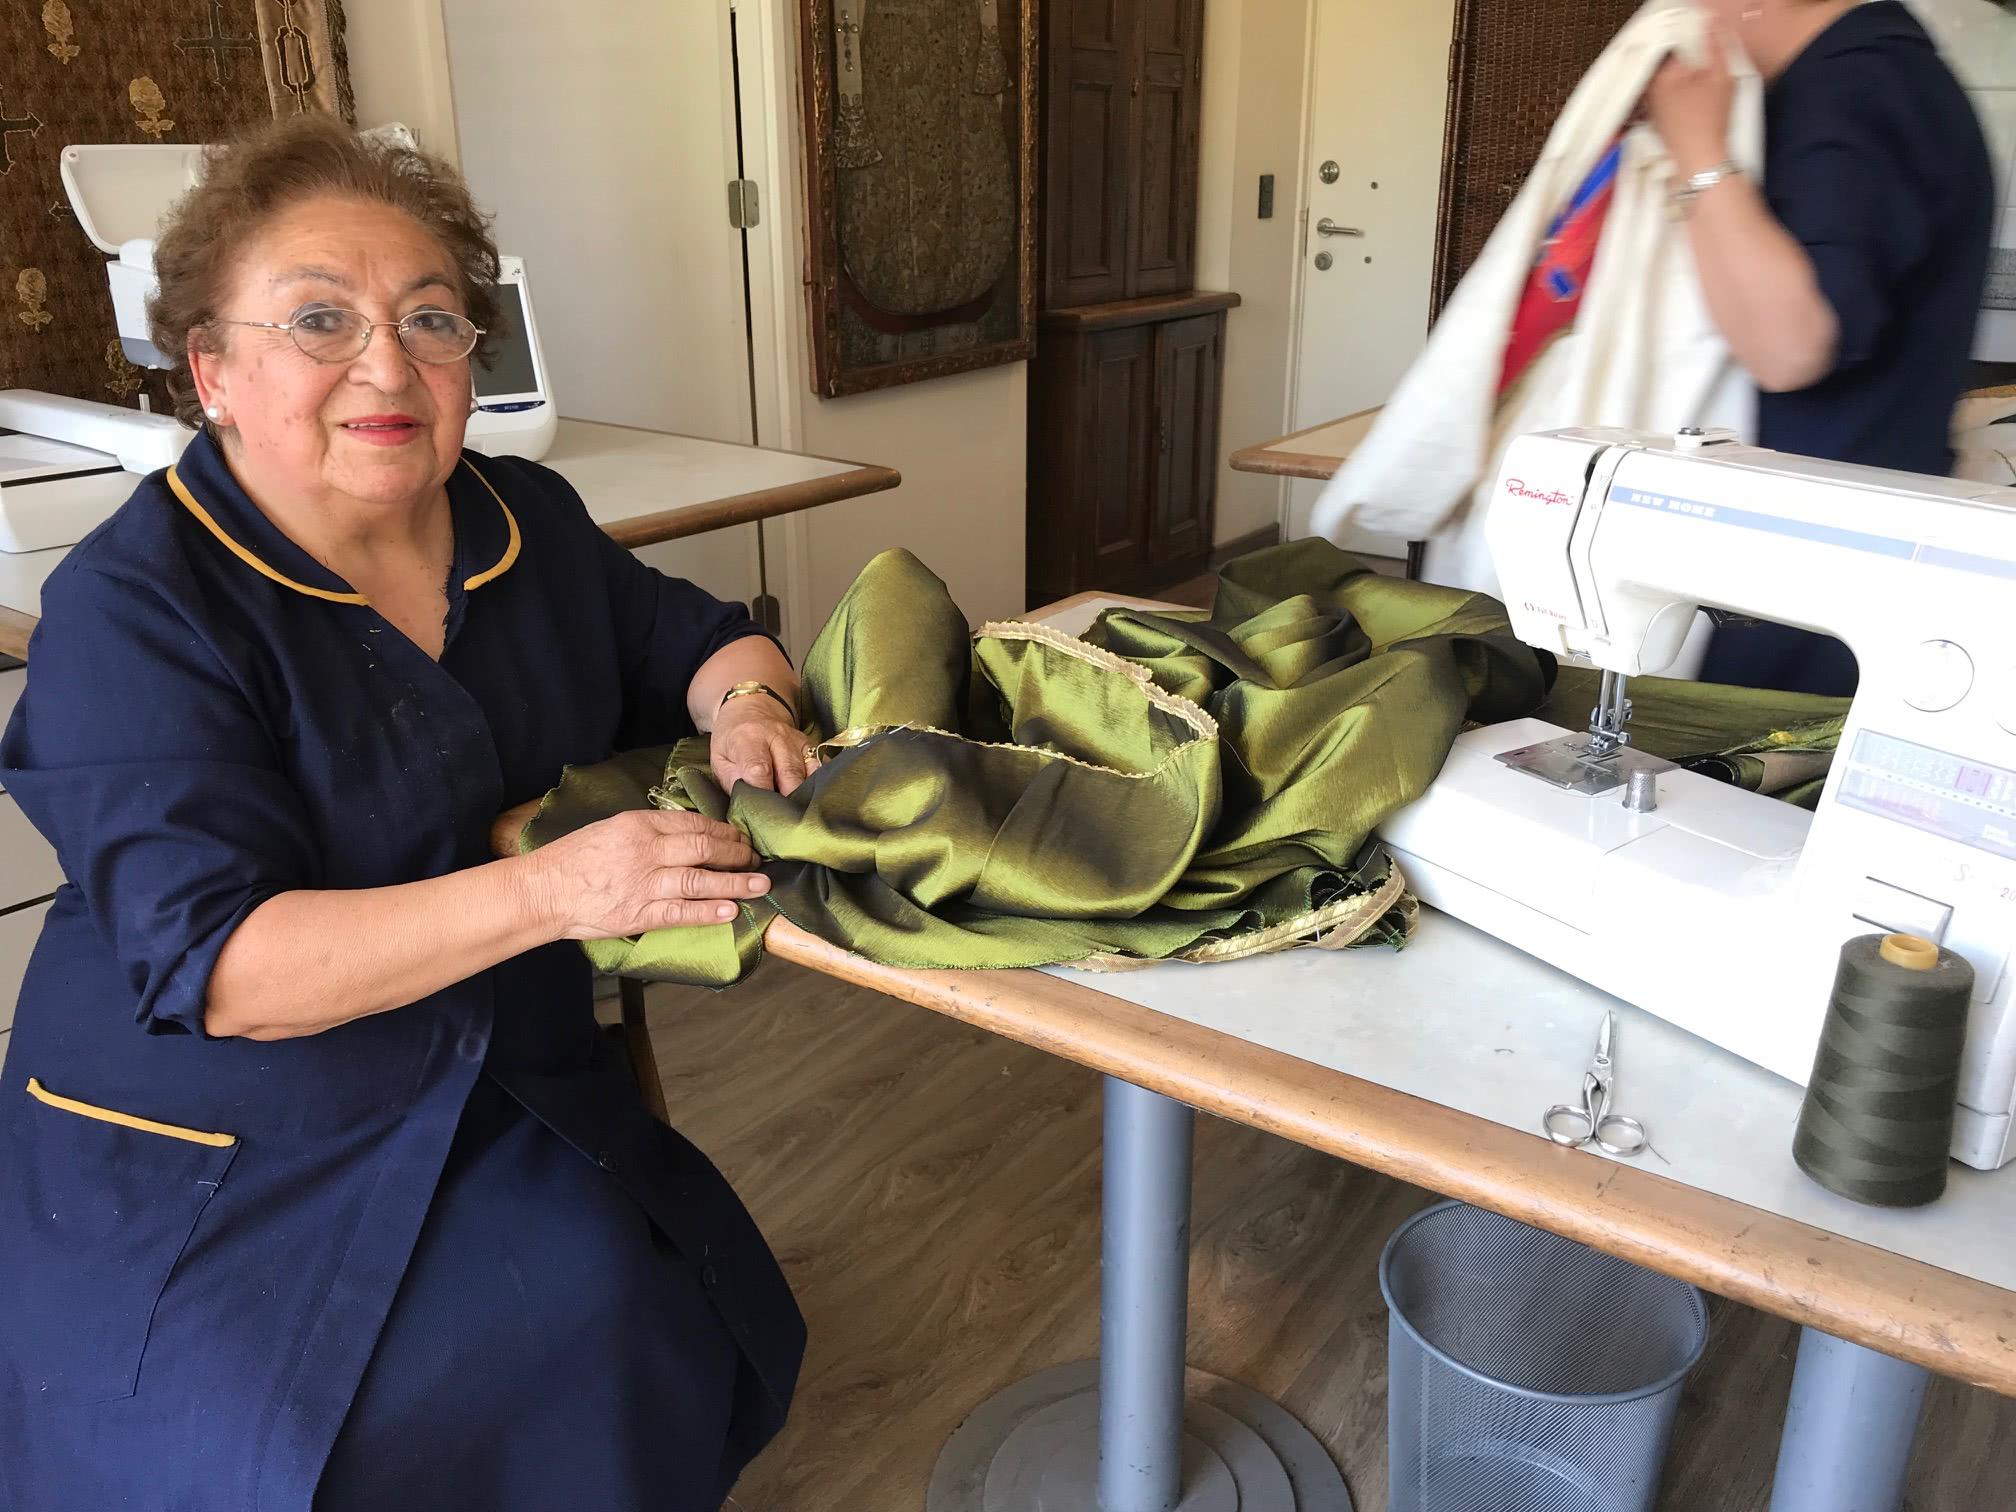 Susana Miranda trabajó en la indumentaria que usó San Juan Pablo II en Rodelillos  y ahora se concentra  en los ornamentos que usará el Papa Francisco y los obispos chilenos, que están en su etapa final.